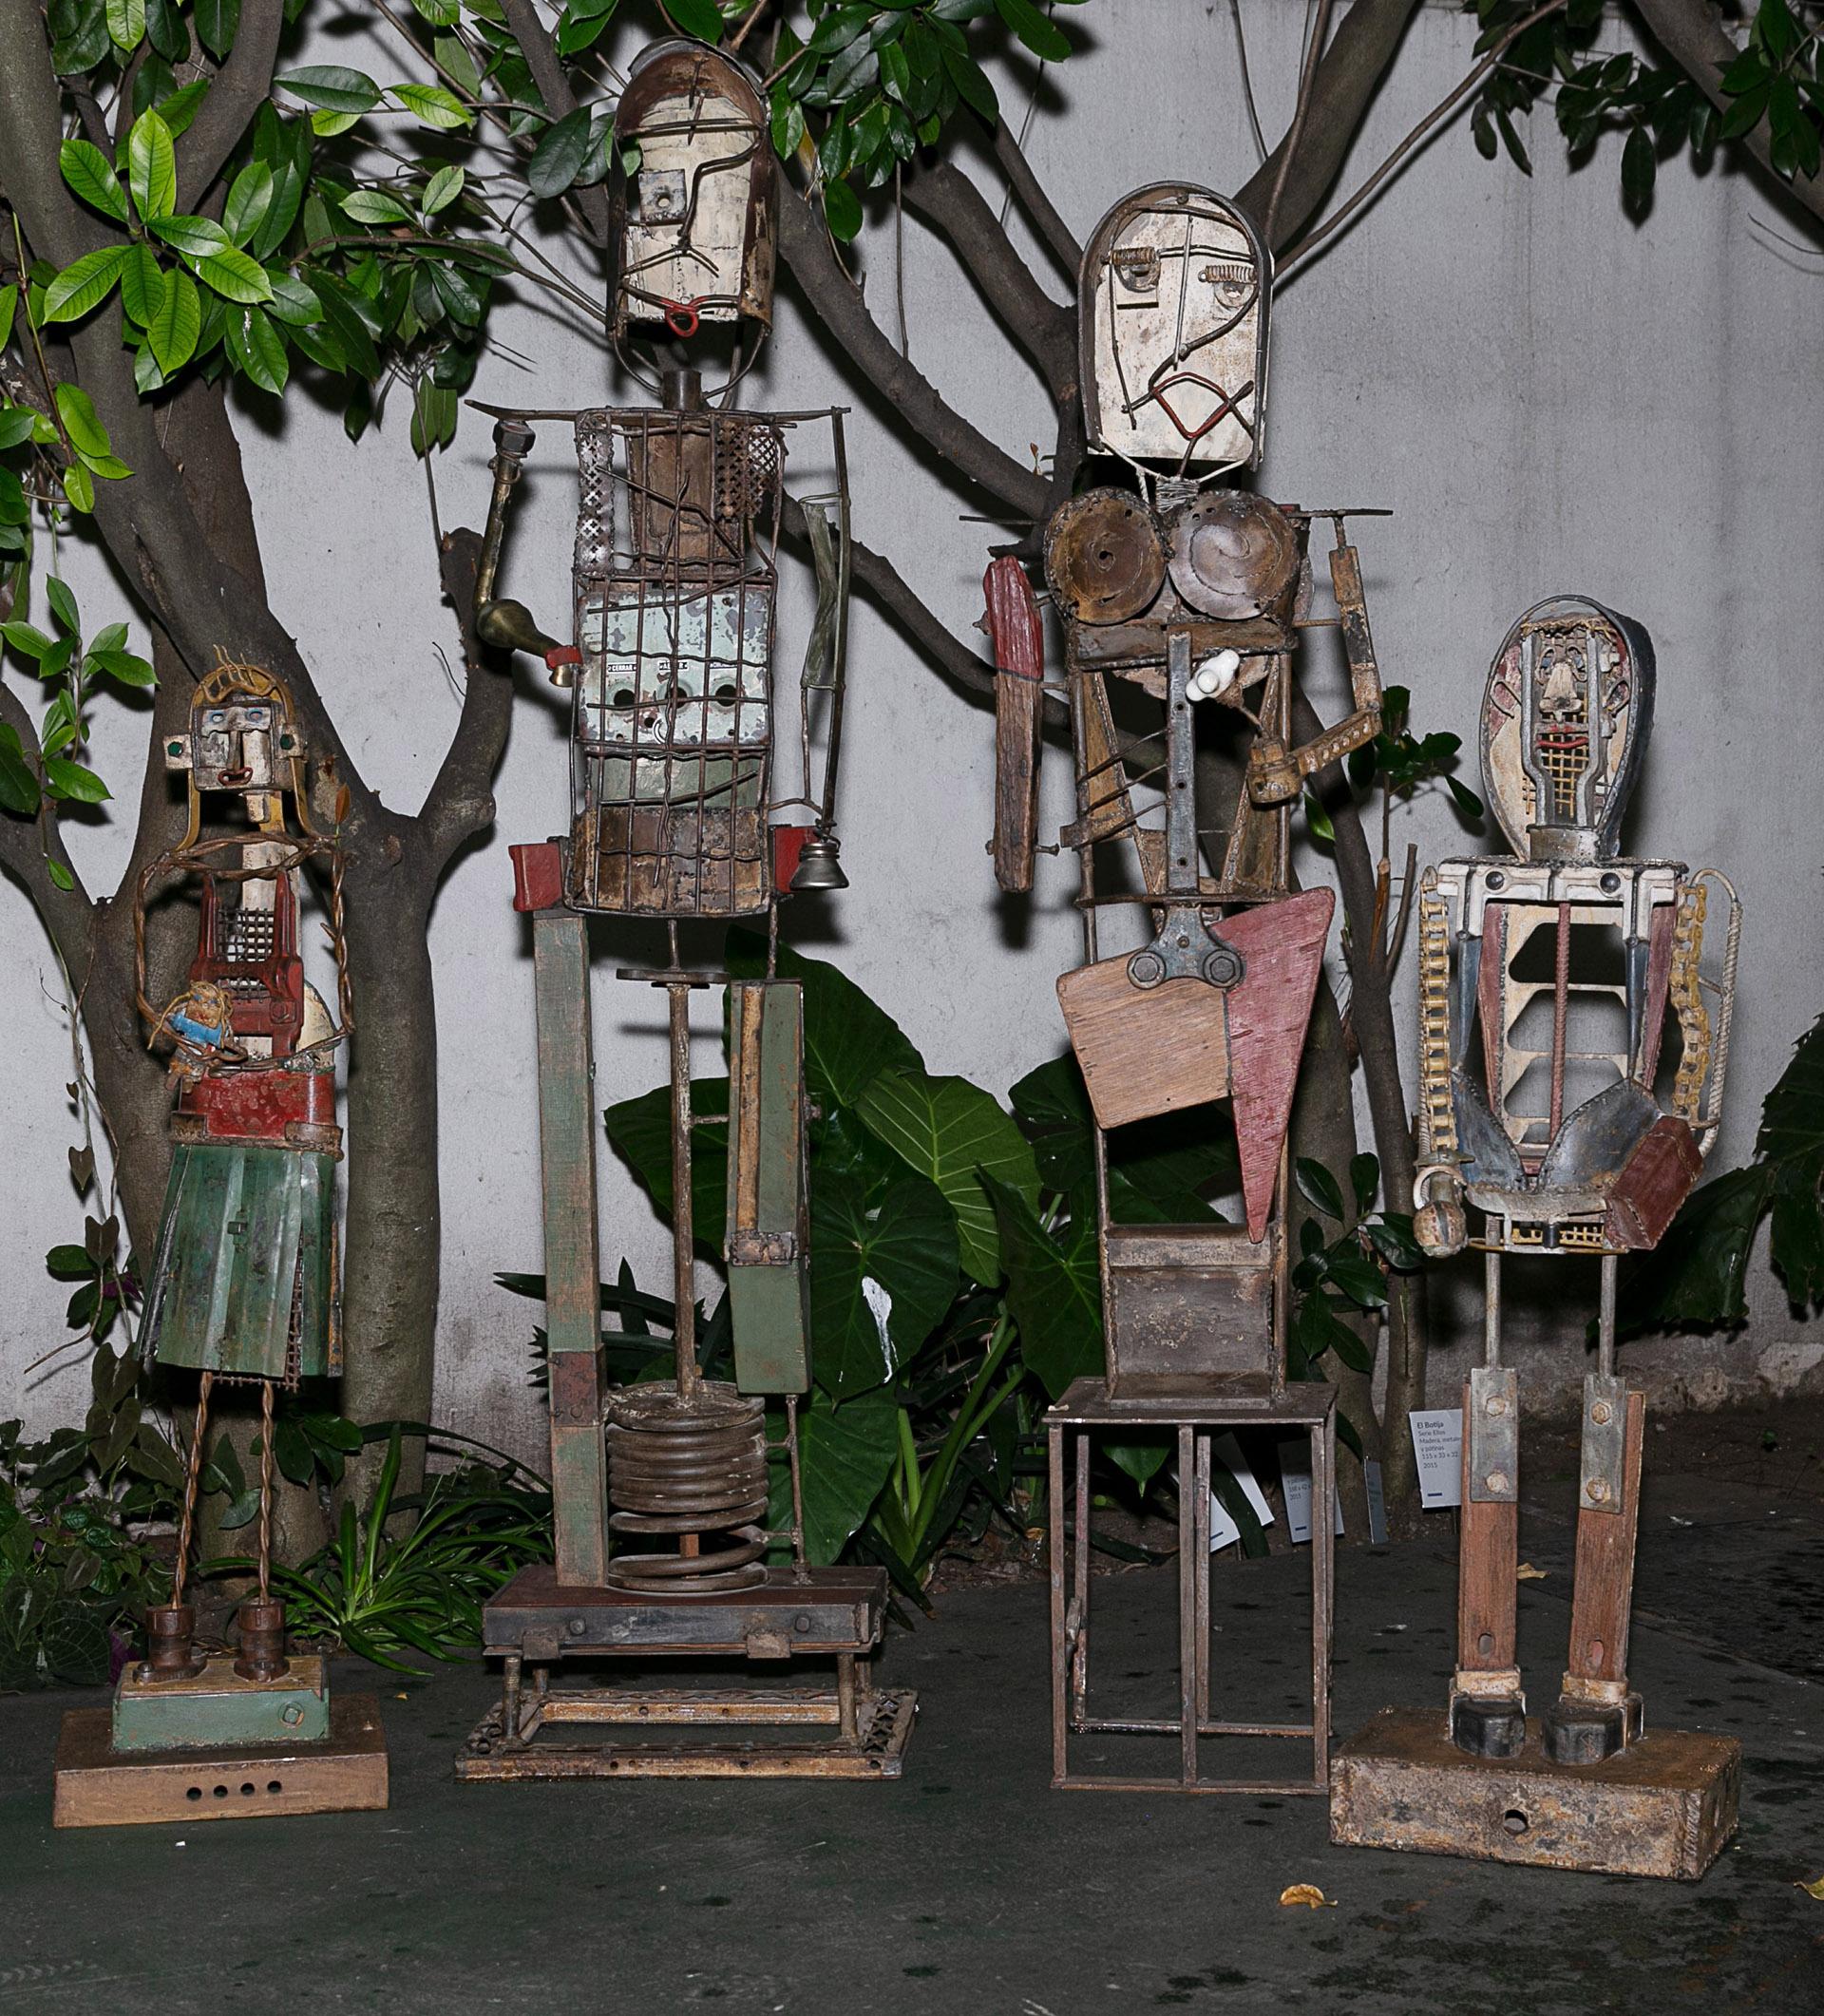 La exposición permanecerá abierta hasta el 30 de noviembre en el Museo de Arte Popular José Hernández